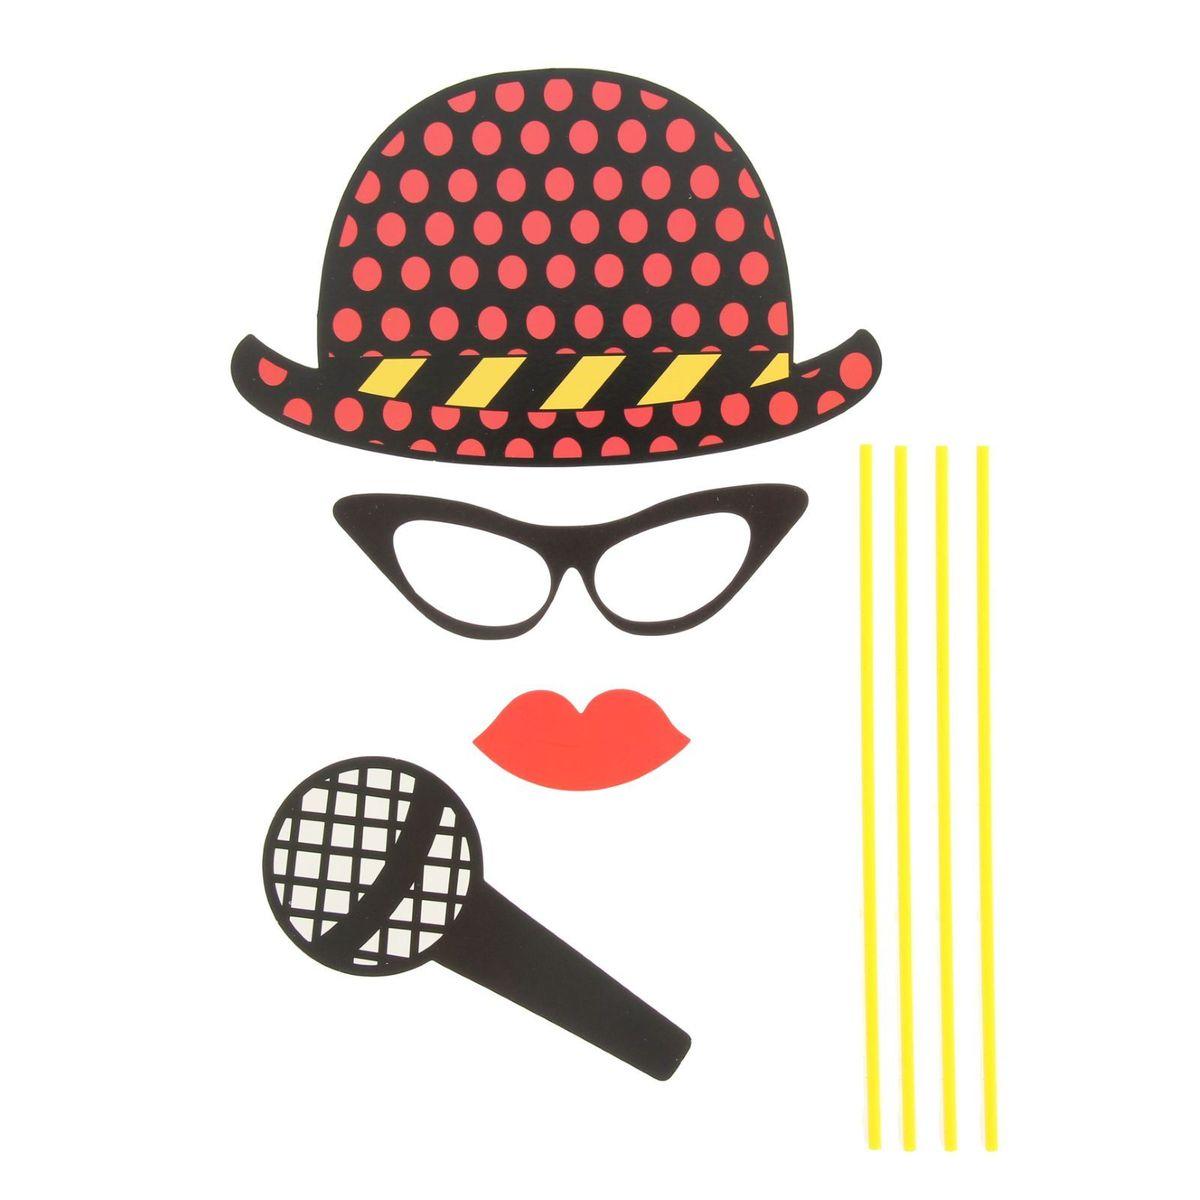 Карнавальный набор для фотосессии Страна Карнавалия Солист, 4 предмета: шляпа, очки, губы, микрофон1090266Невозможно представить нашу жизнь без праздников! Мы всегда ждем и предвкушаем их, обдумываем, как проведем памятный день, тщательно выбираем подарки и аксессуары, ведь именно они создают и поддерживают праздничный настрой. Аксессуары для фотосессии на палочке - это отличный выбор, который привнесет атмосферу праздника в ваш дом!